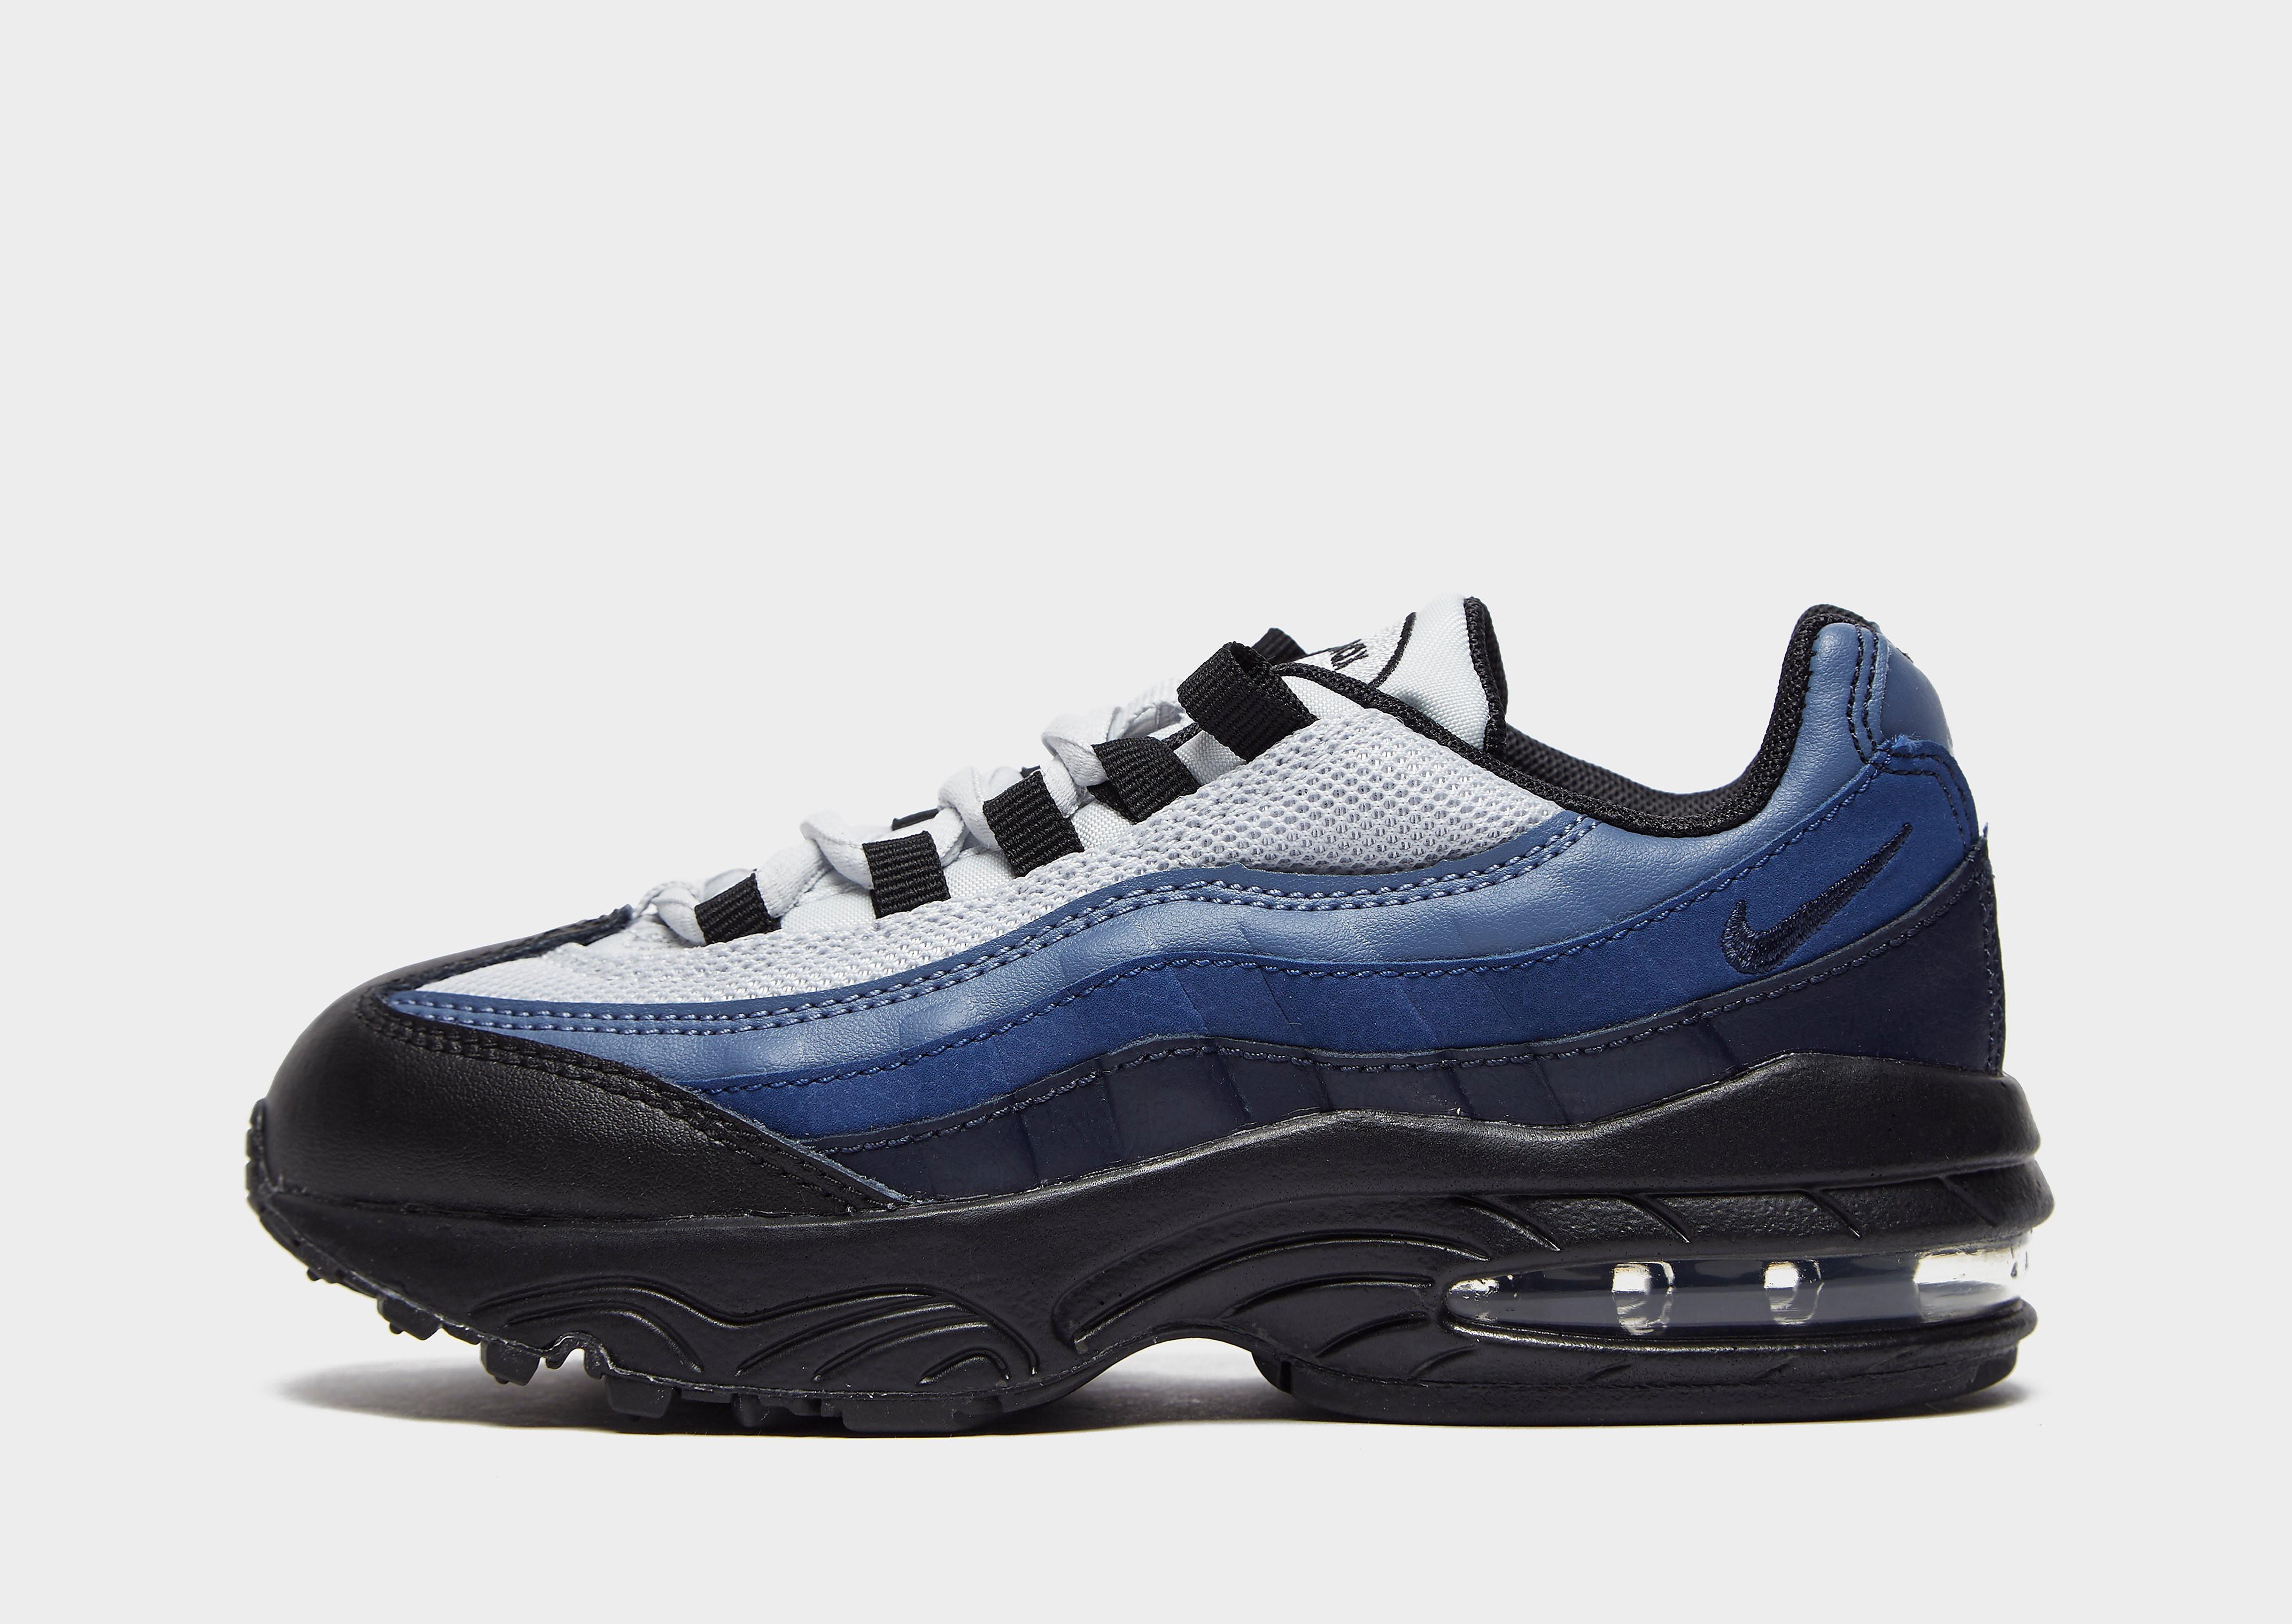 Nike Air Max 95 kindersneaker zwart en blauw